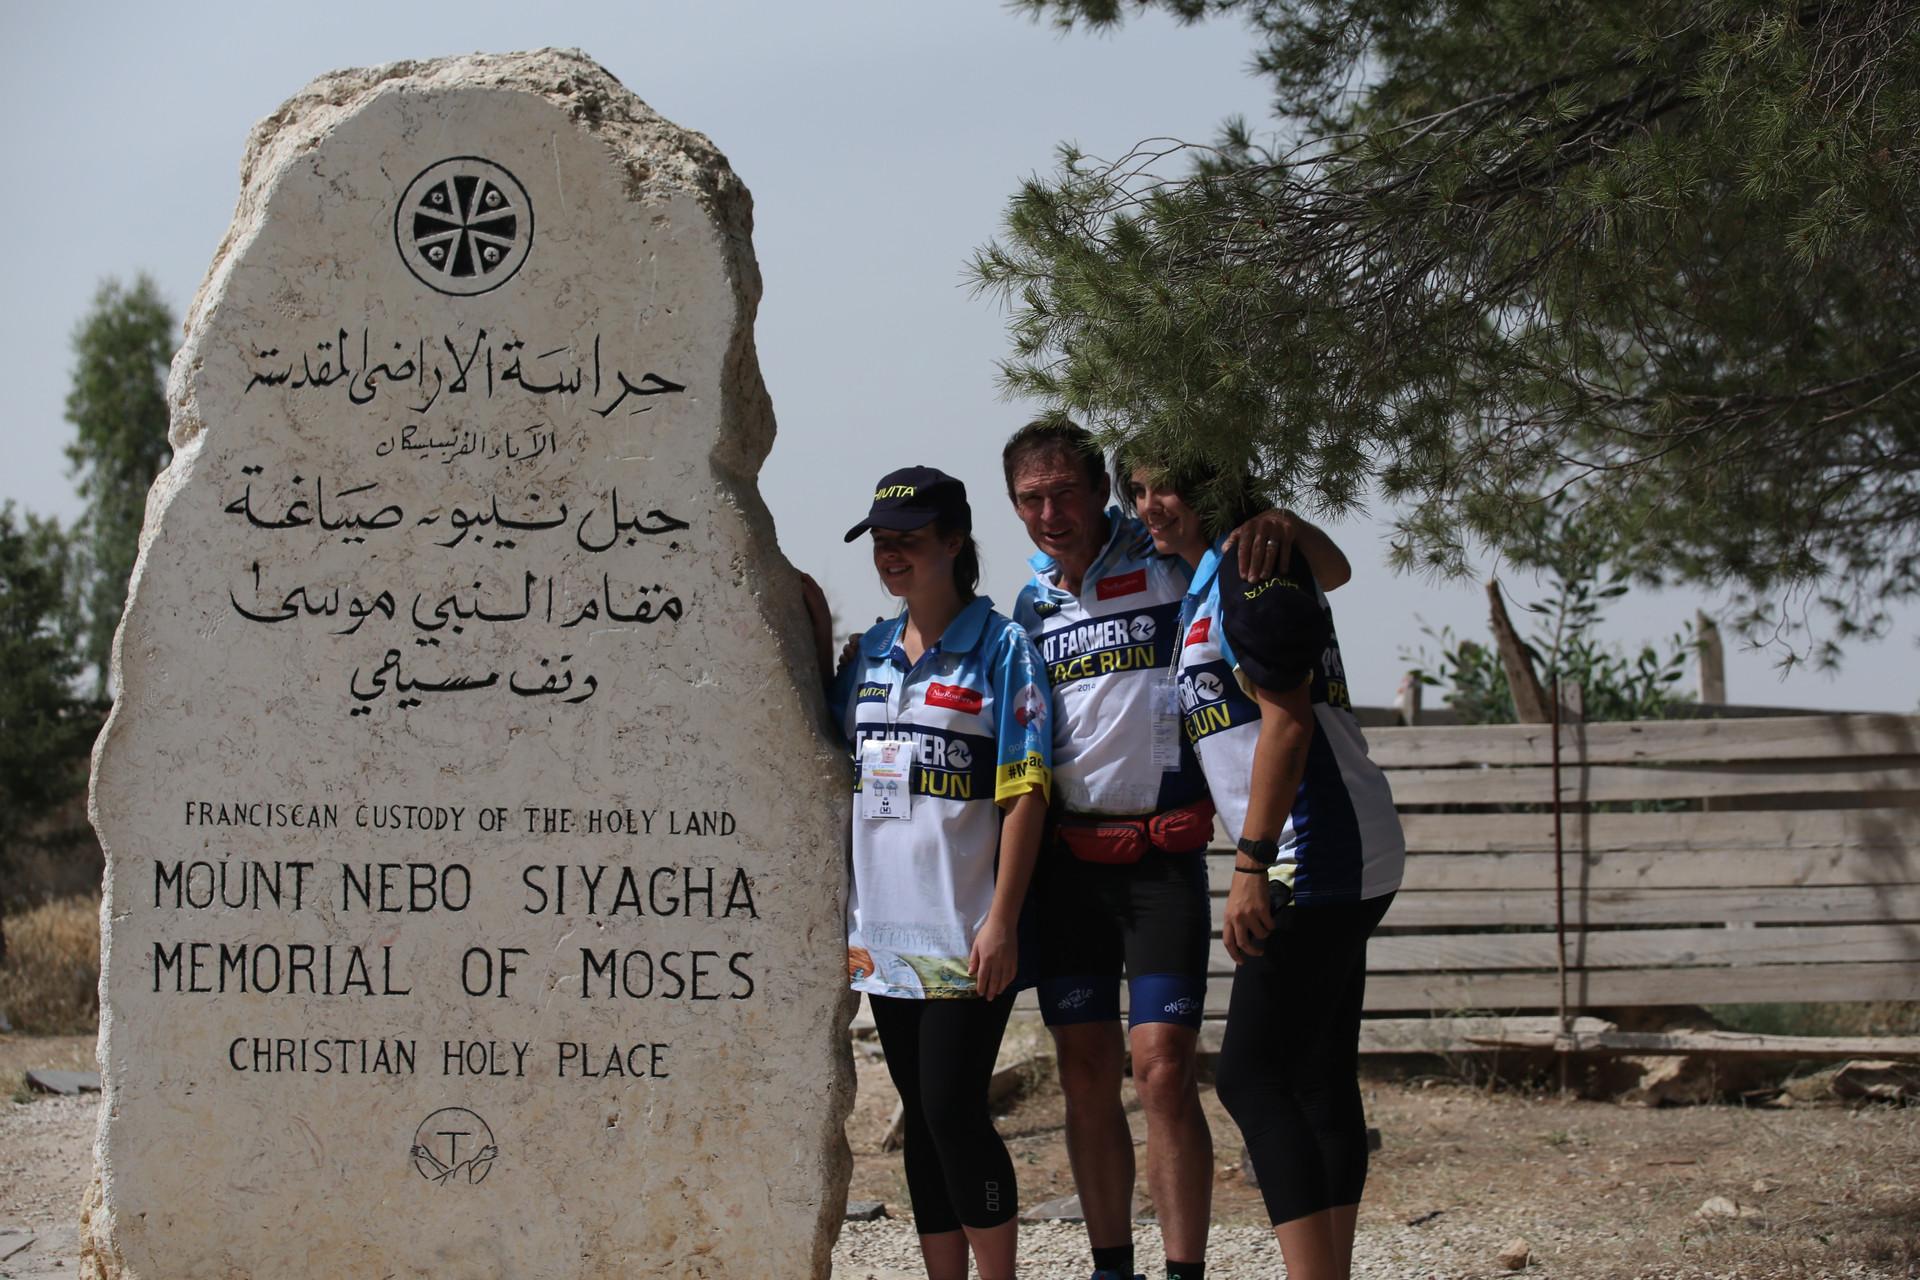 Memorial of Moses